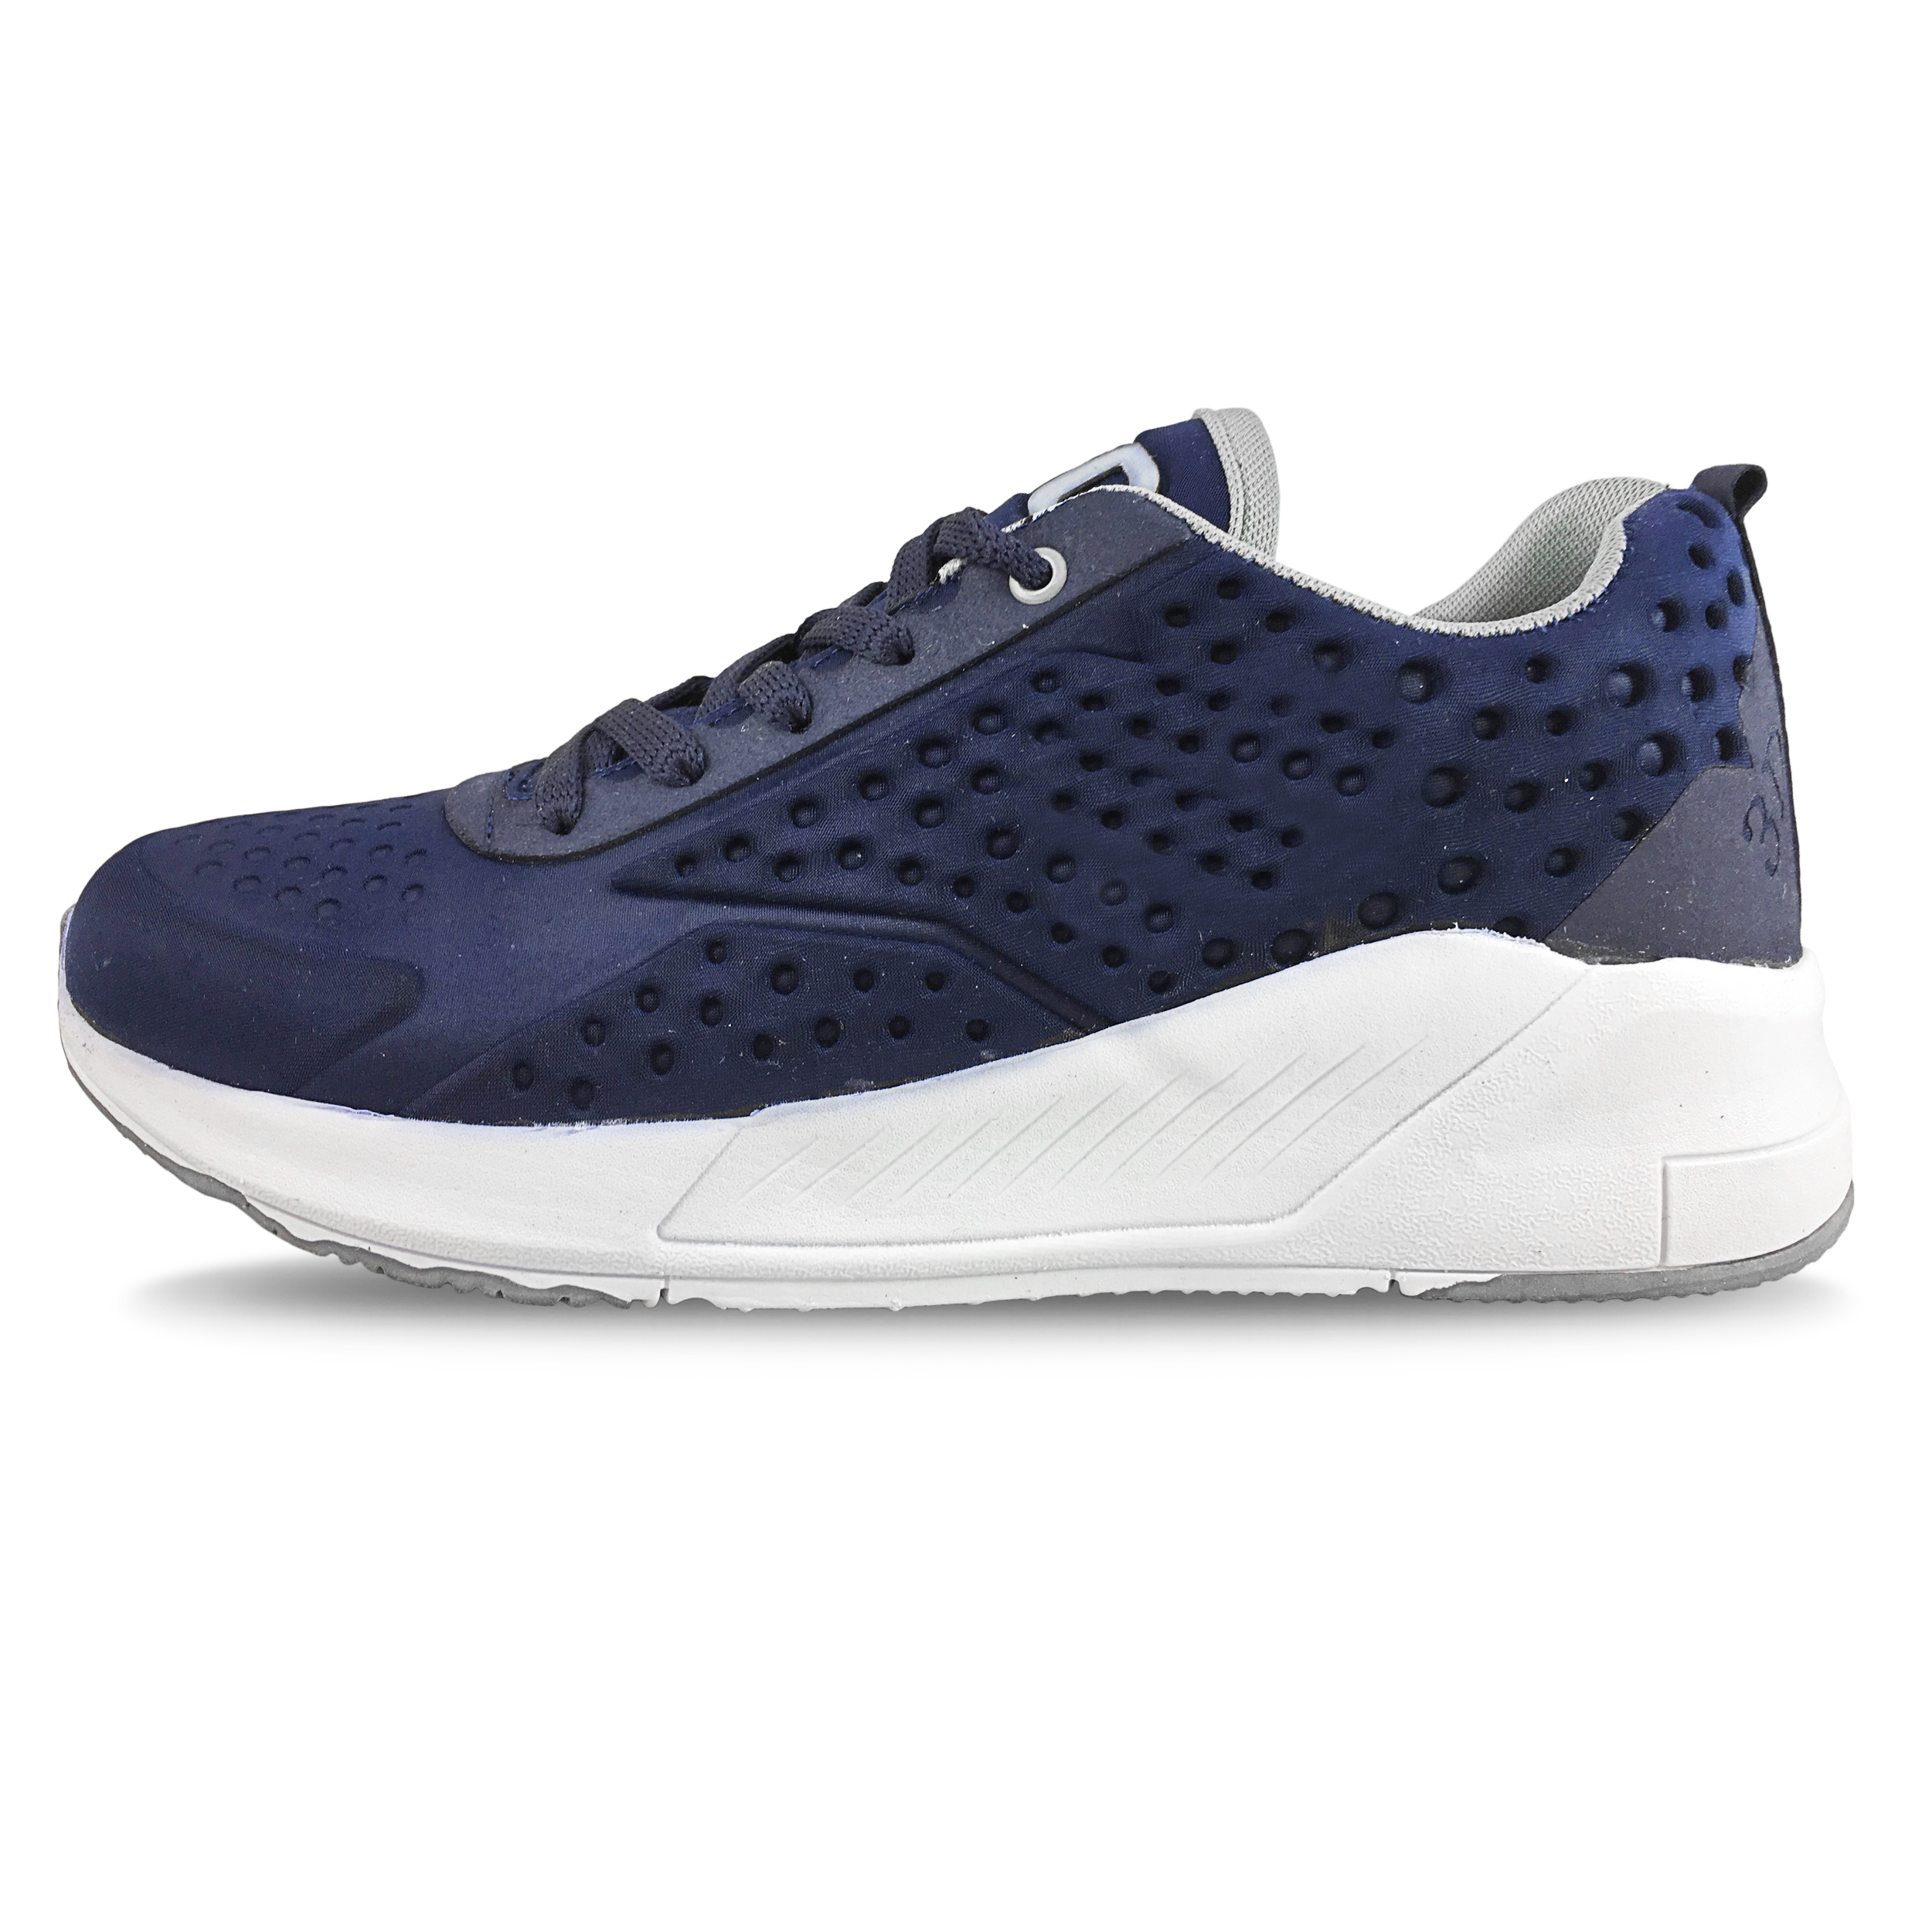 عکس کفش مخصوص پیاده روی مردانه نسیم مدل 3D کد 2-1830